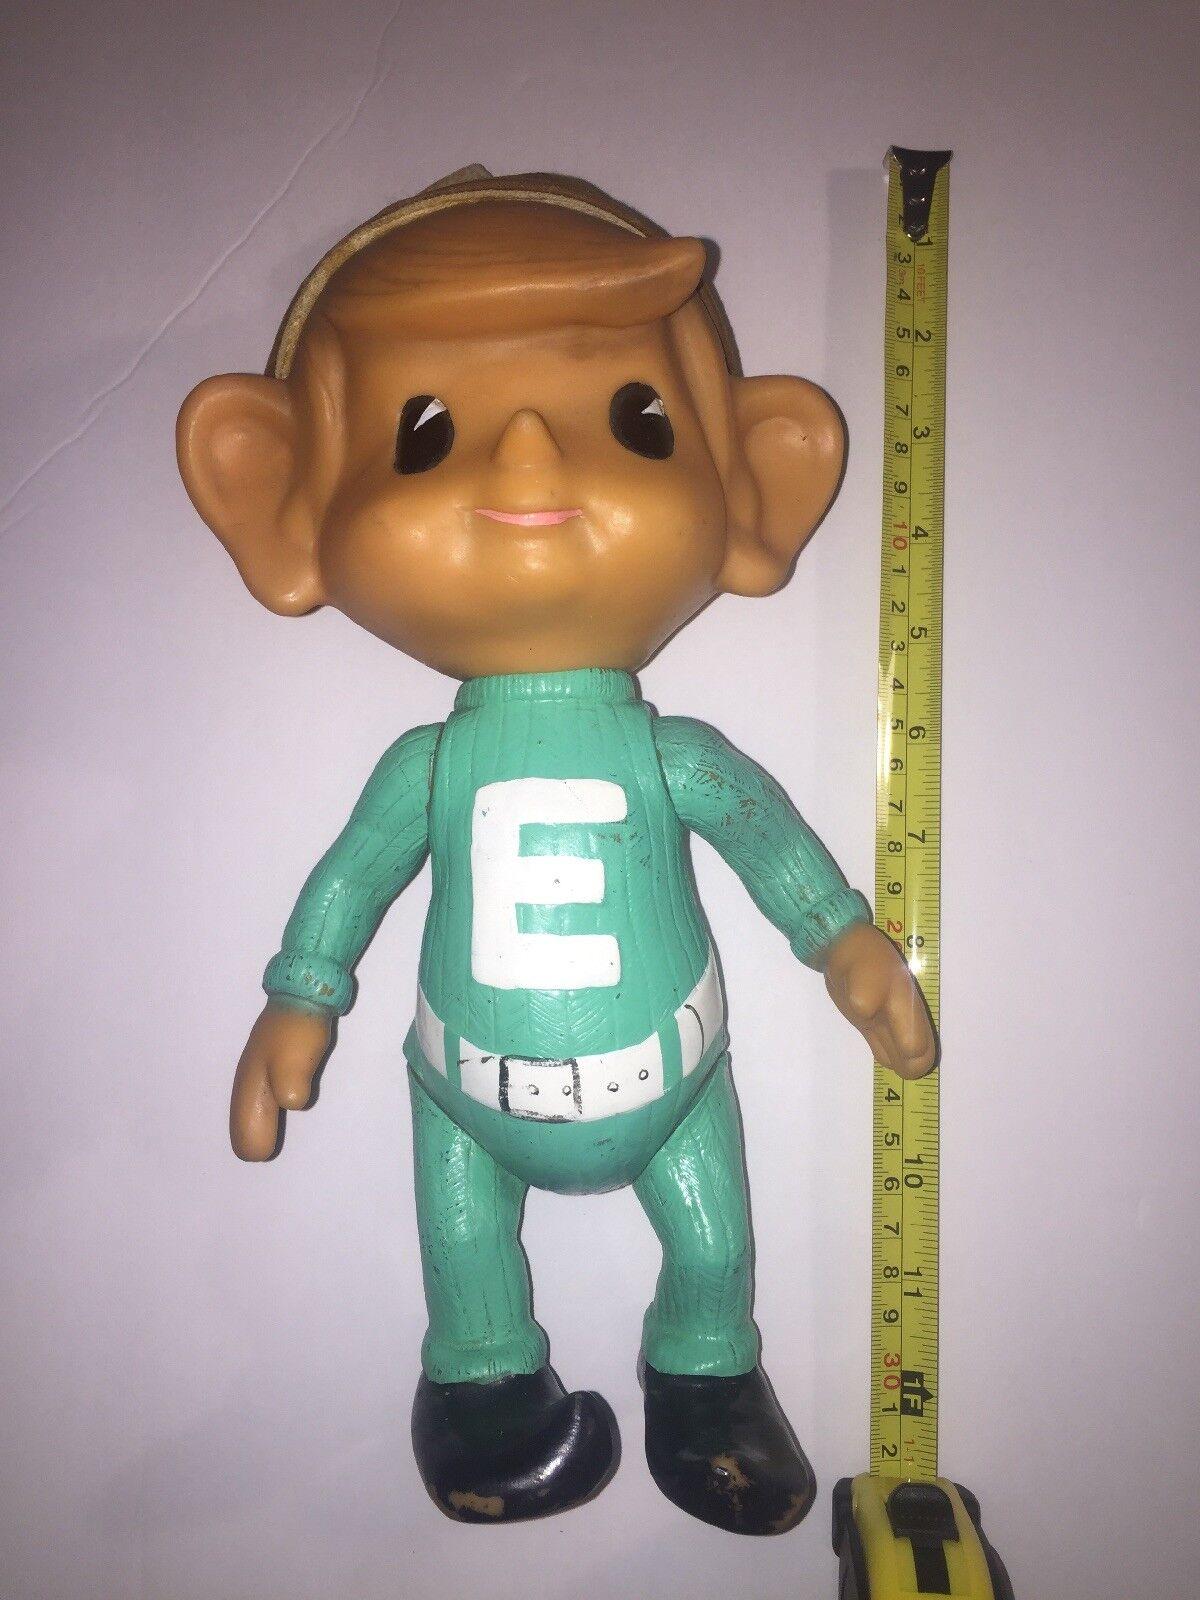 Plastic Vinyl Toy ELF EXIN  (mexican) Vintage 1974 Rare  (ensueño , Lili Ledy)